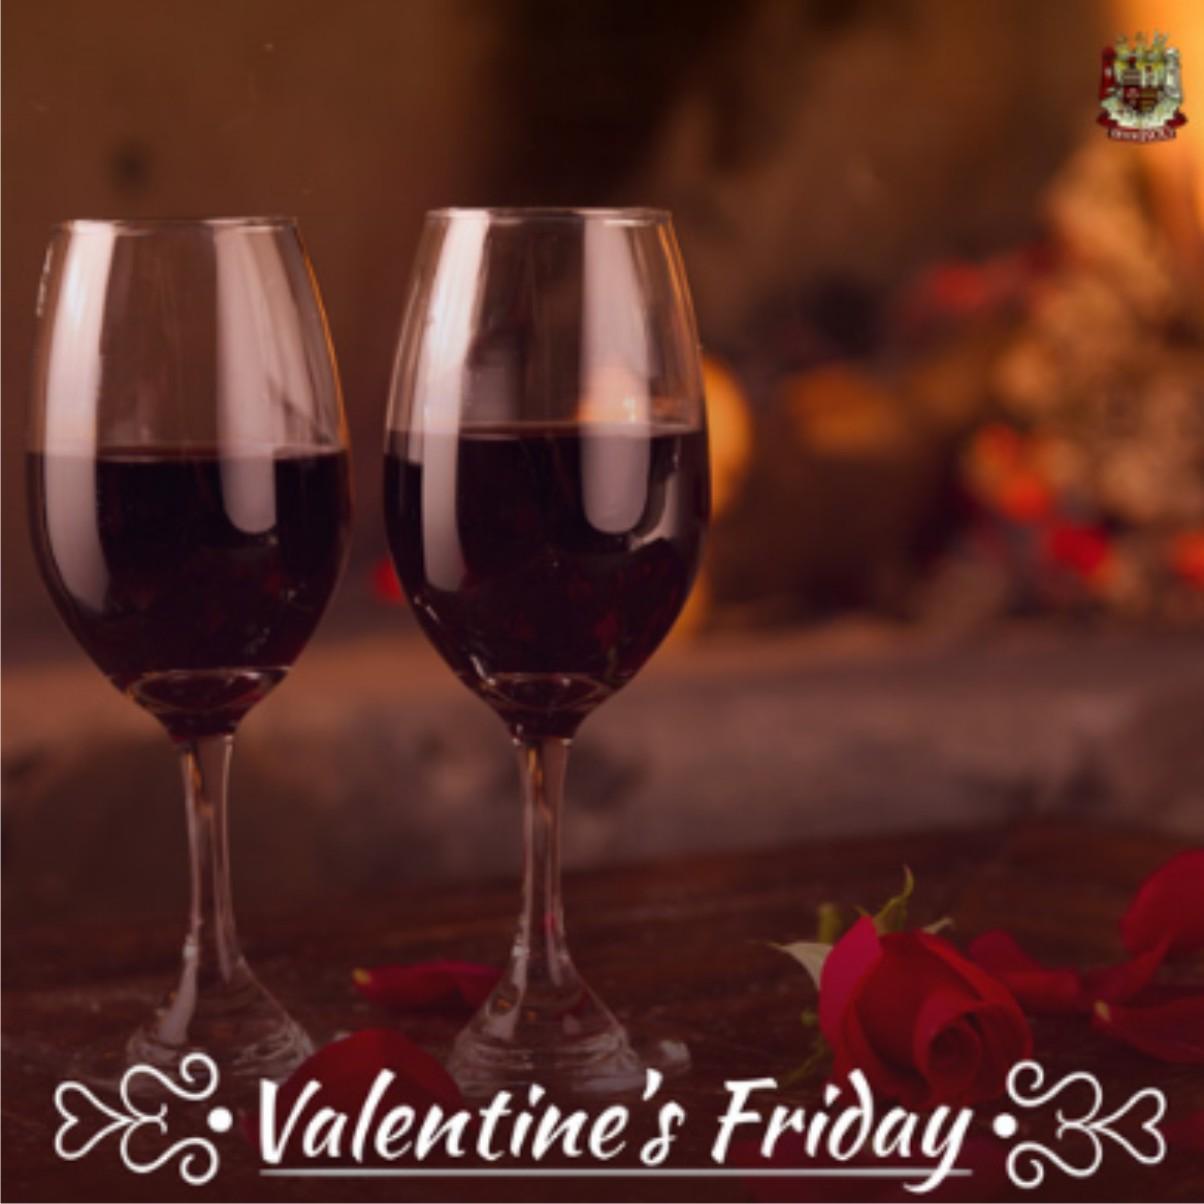 Dia dos Namorados - FRIDAY